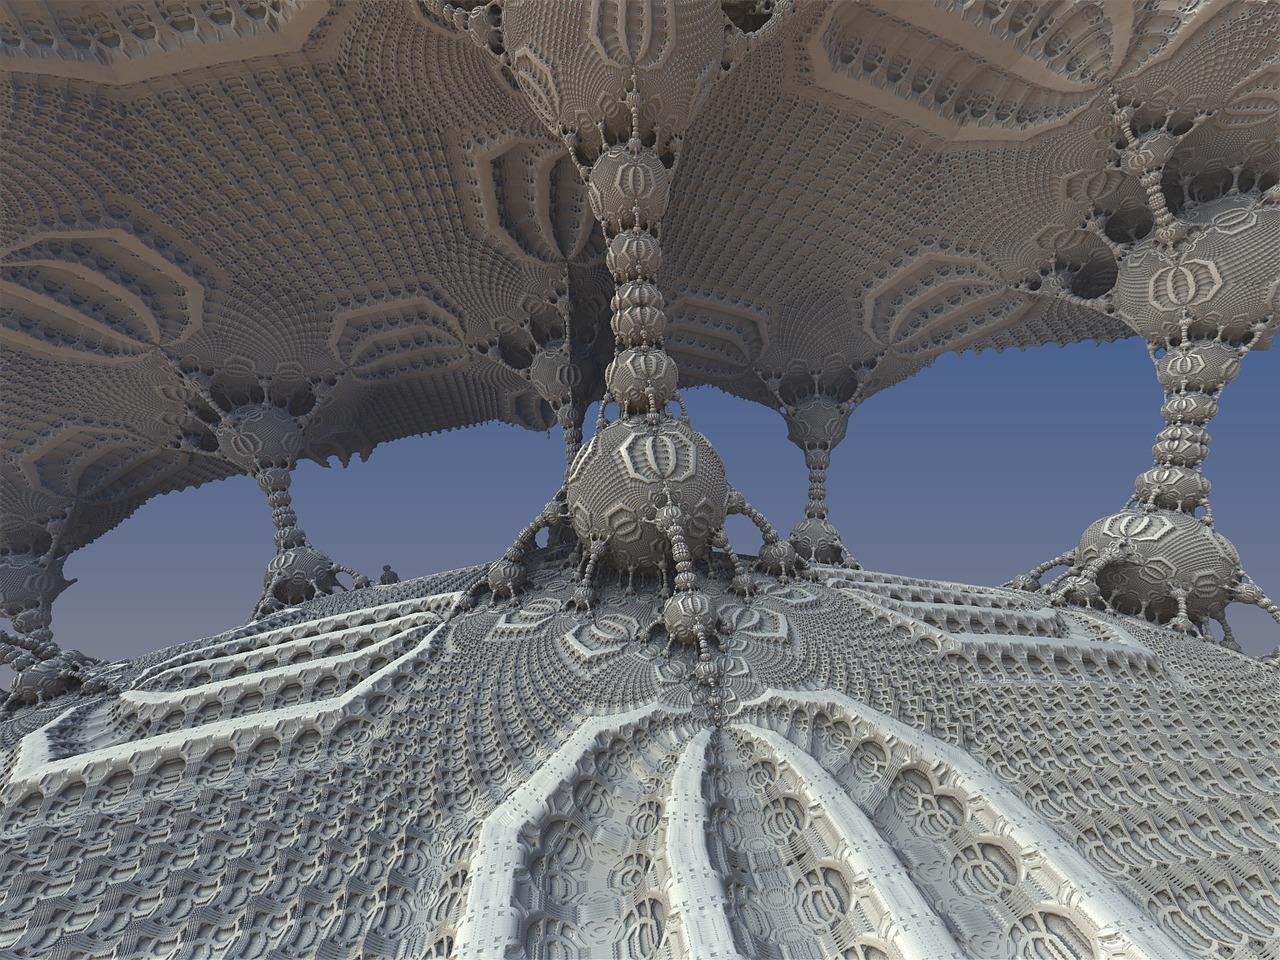 fractal-1121017_1280